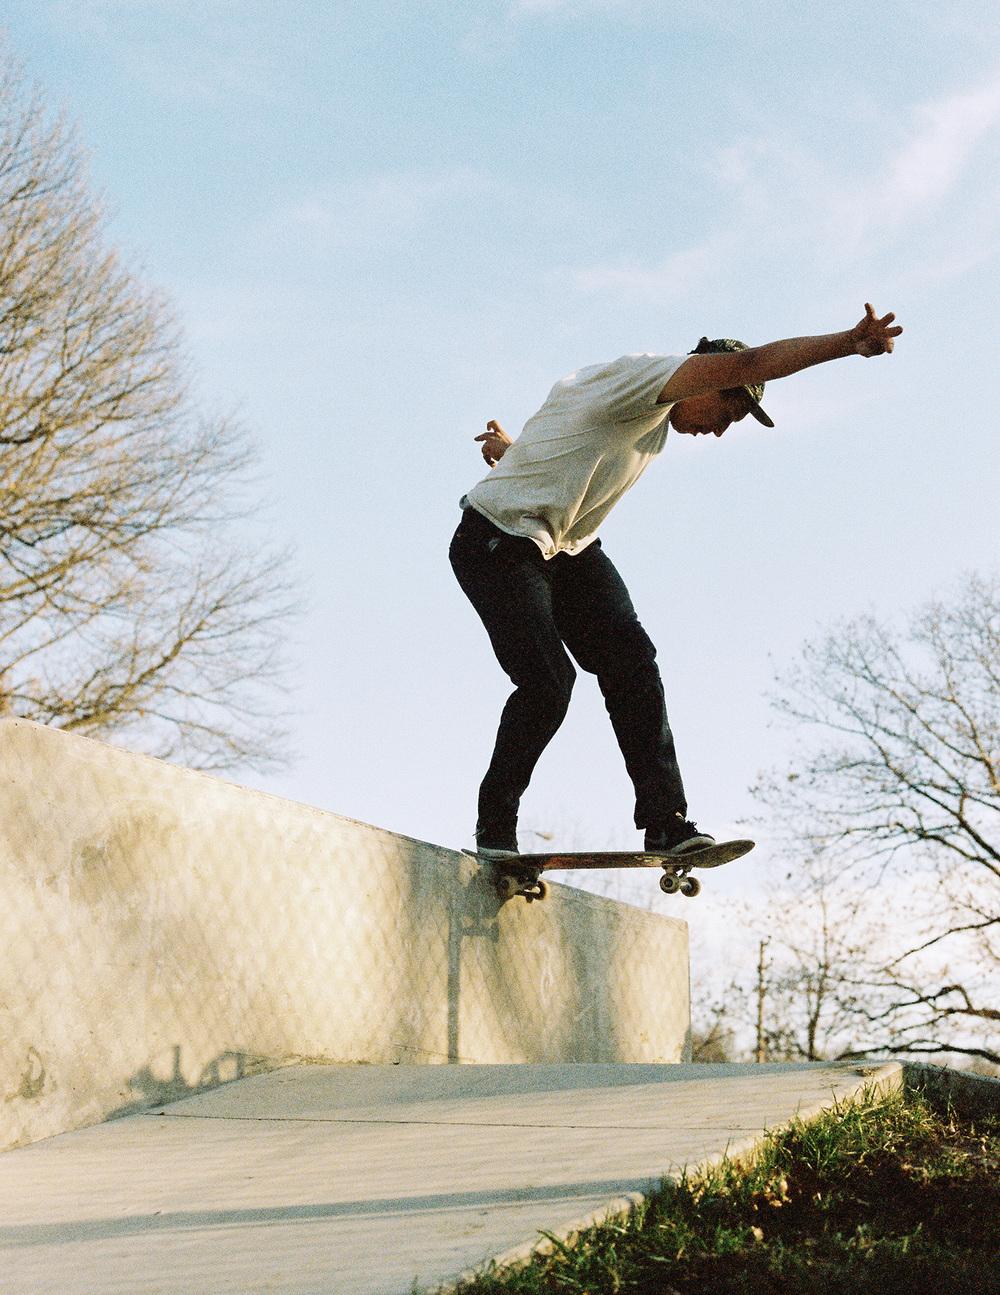 2014 Pittsburgh Skate Shane Plezia